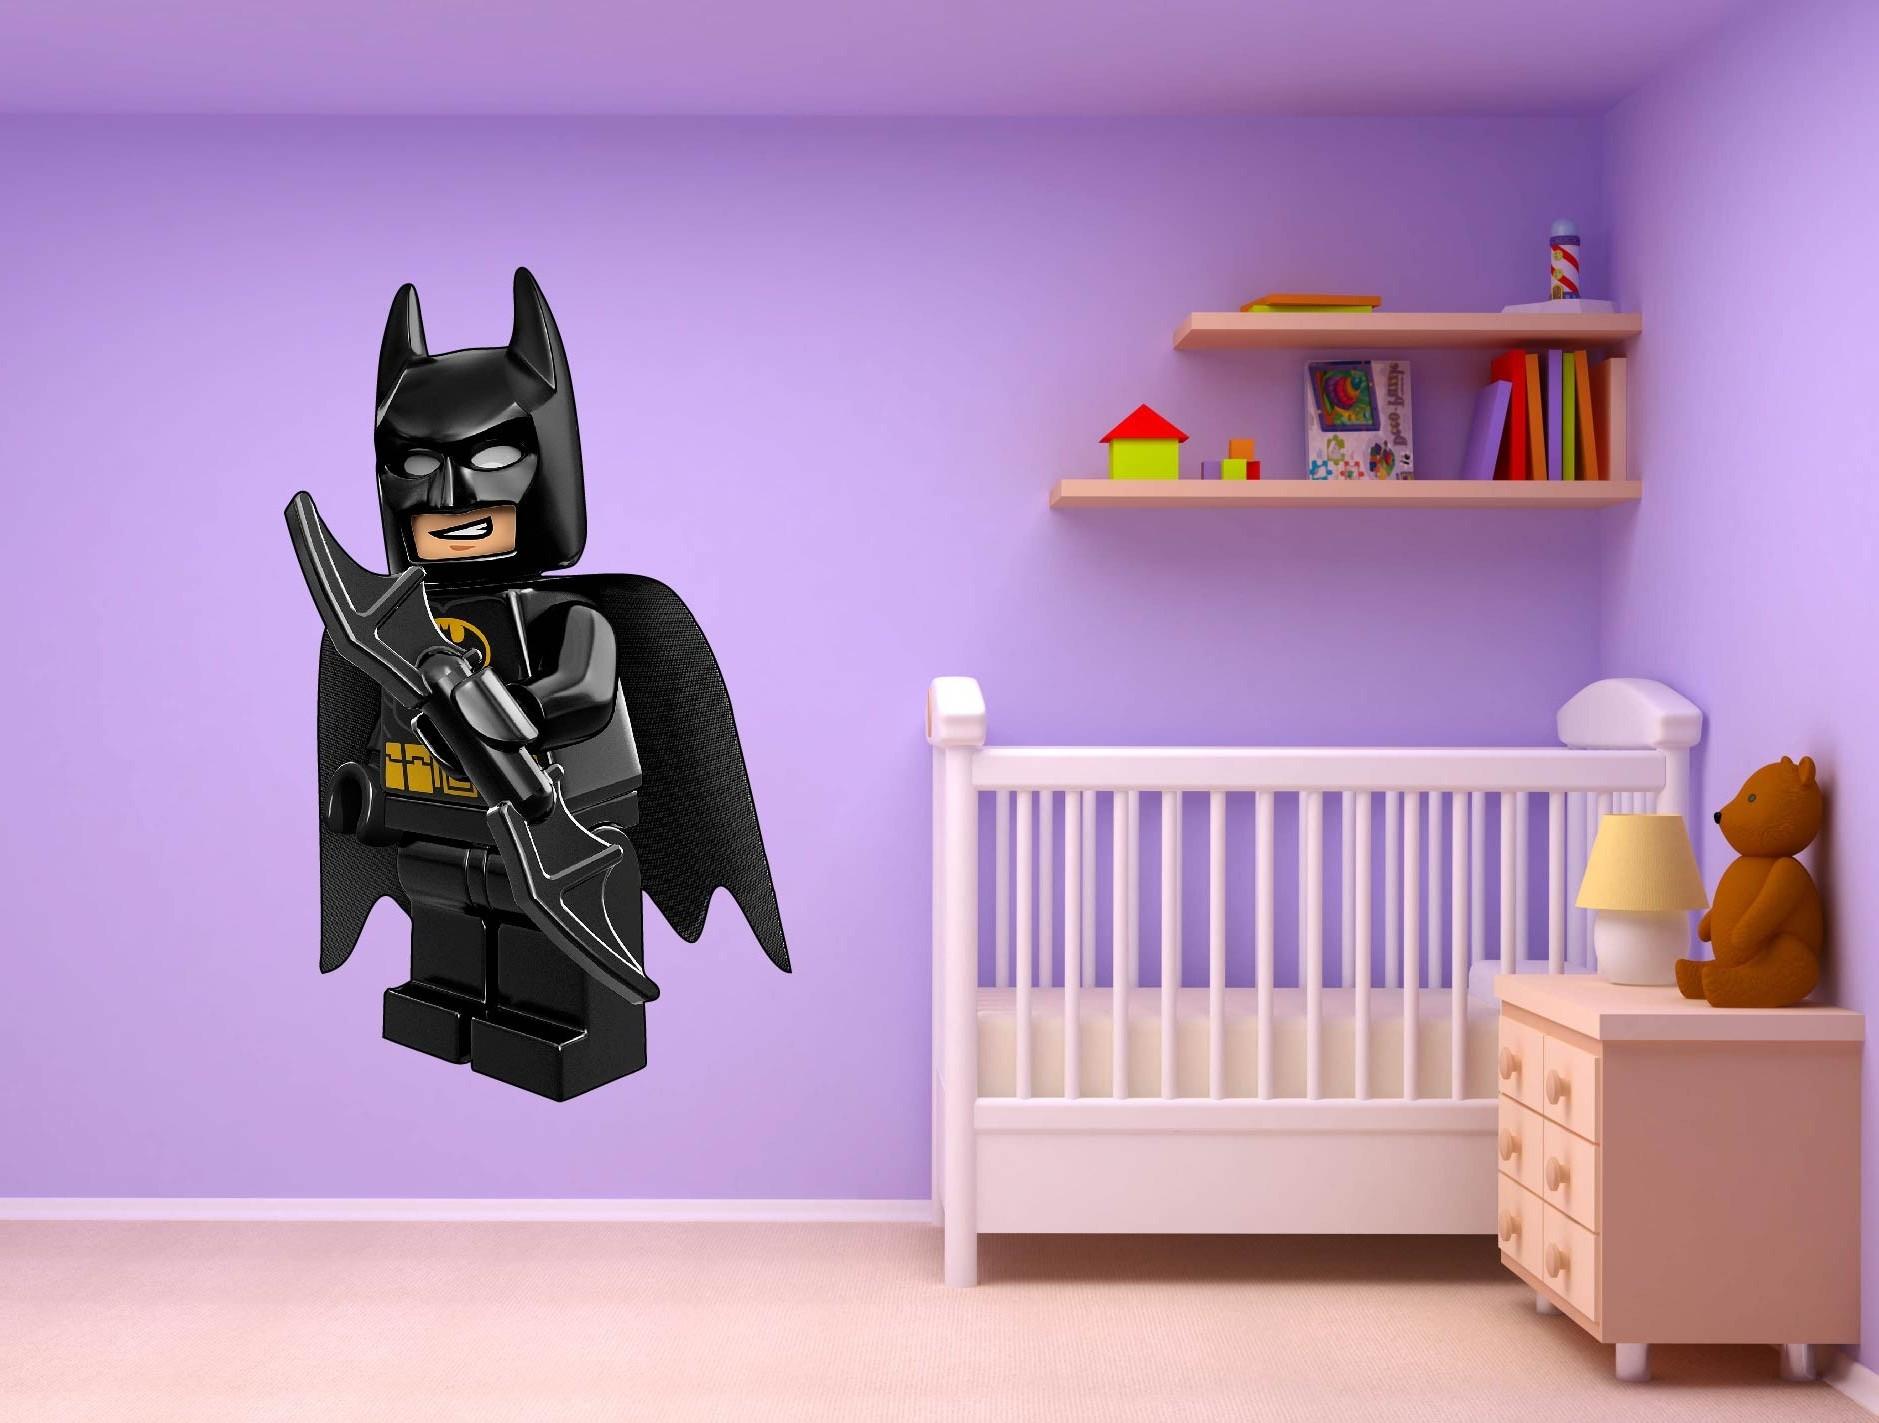 stickers pour chambre garcon ado chambre id es de d coration de maison jwnp6xyd49. Black Bedroom Furniture Sets. Home Design Ideas